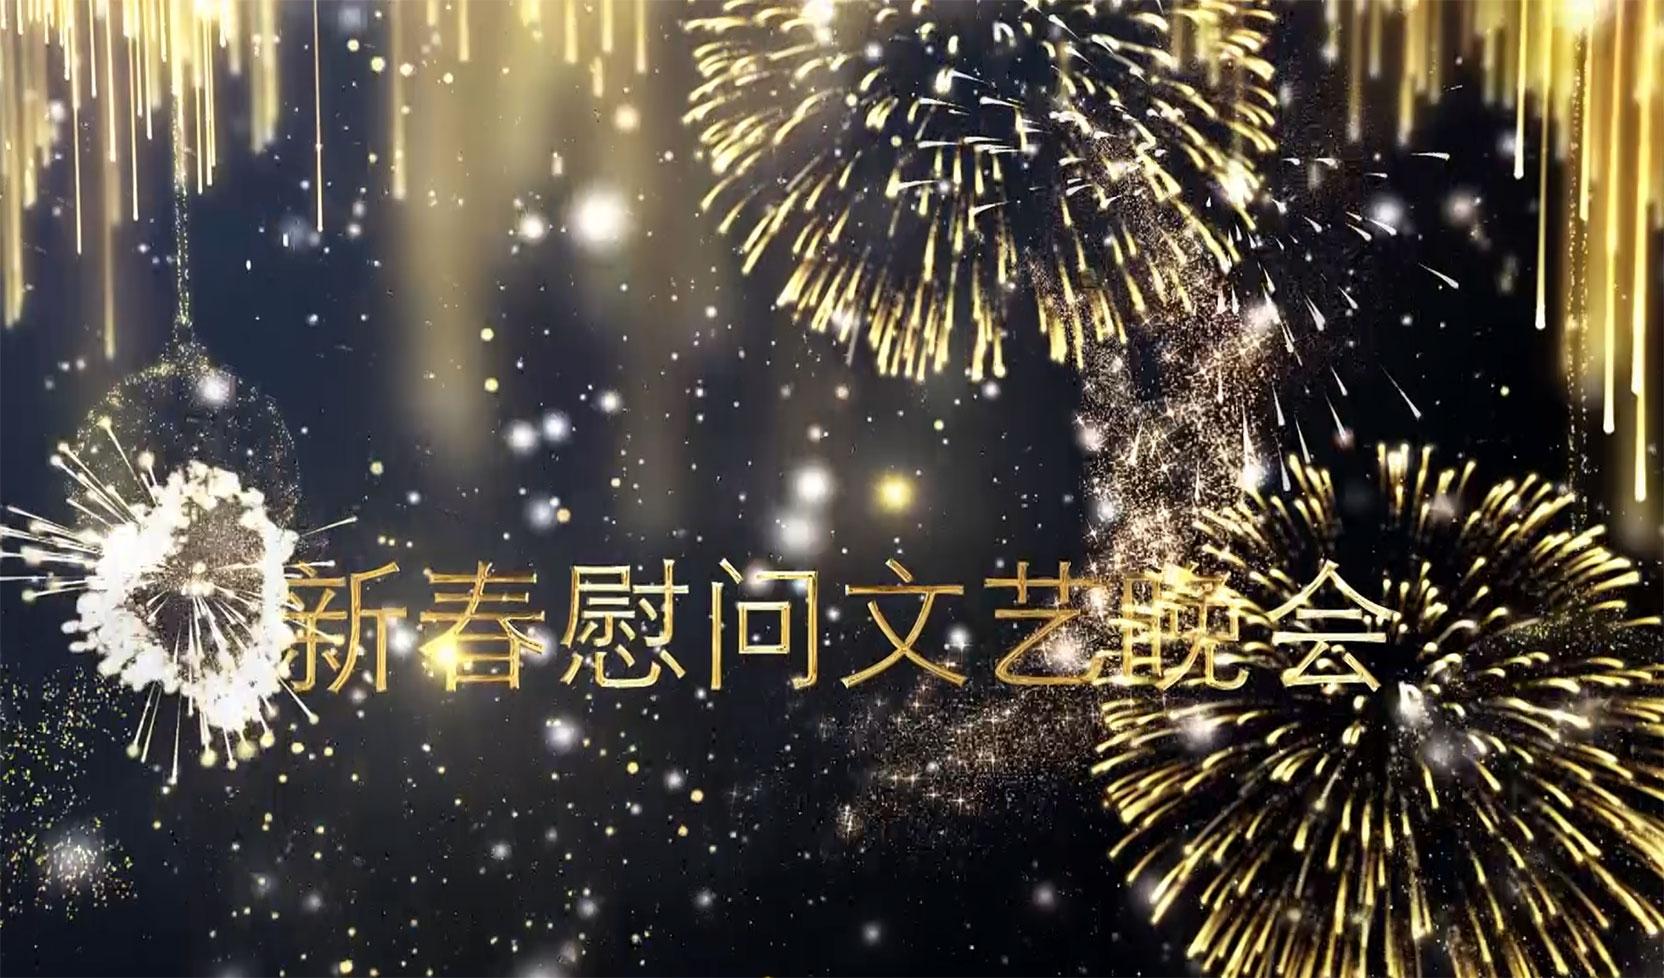 2019成都大好河山新春慰问文艺晚会